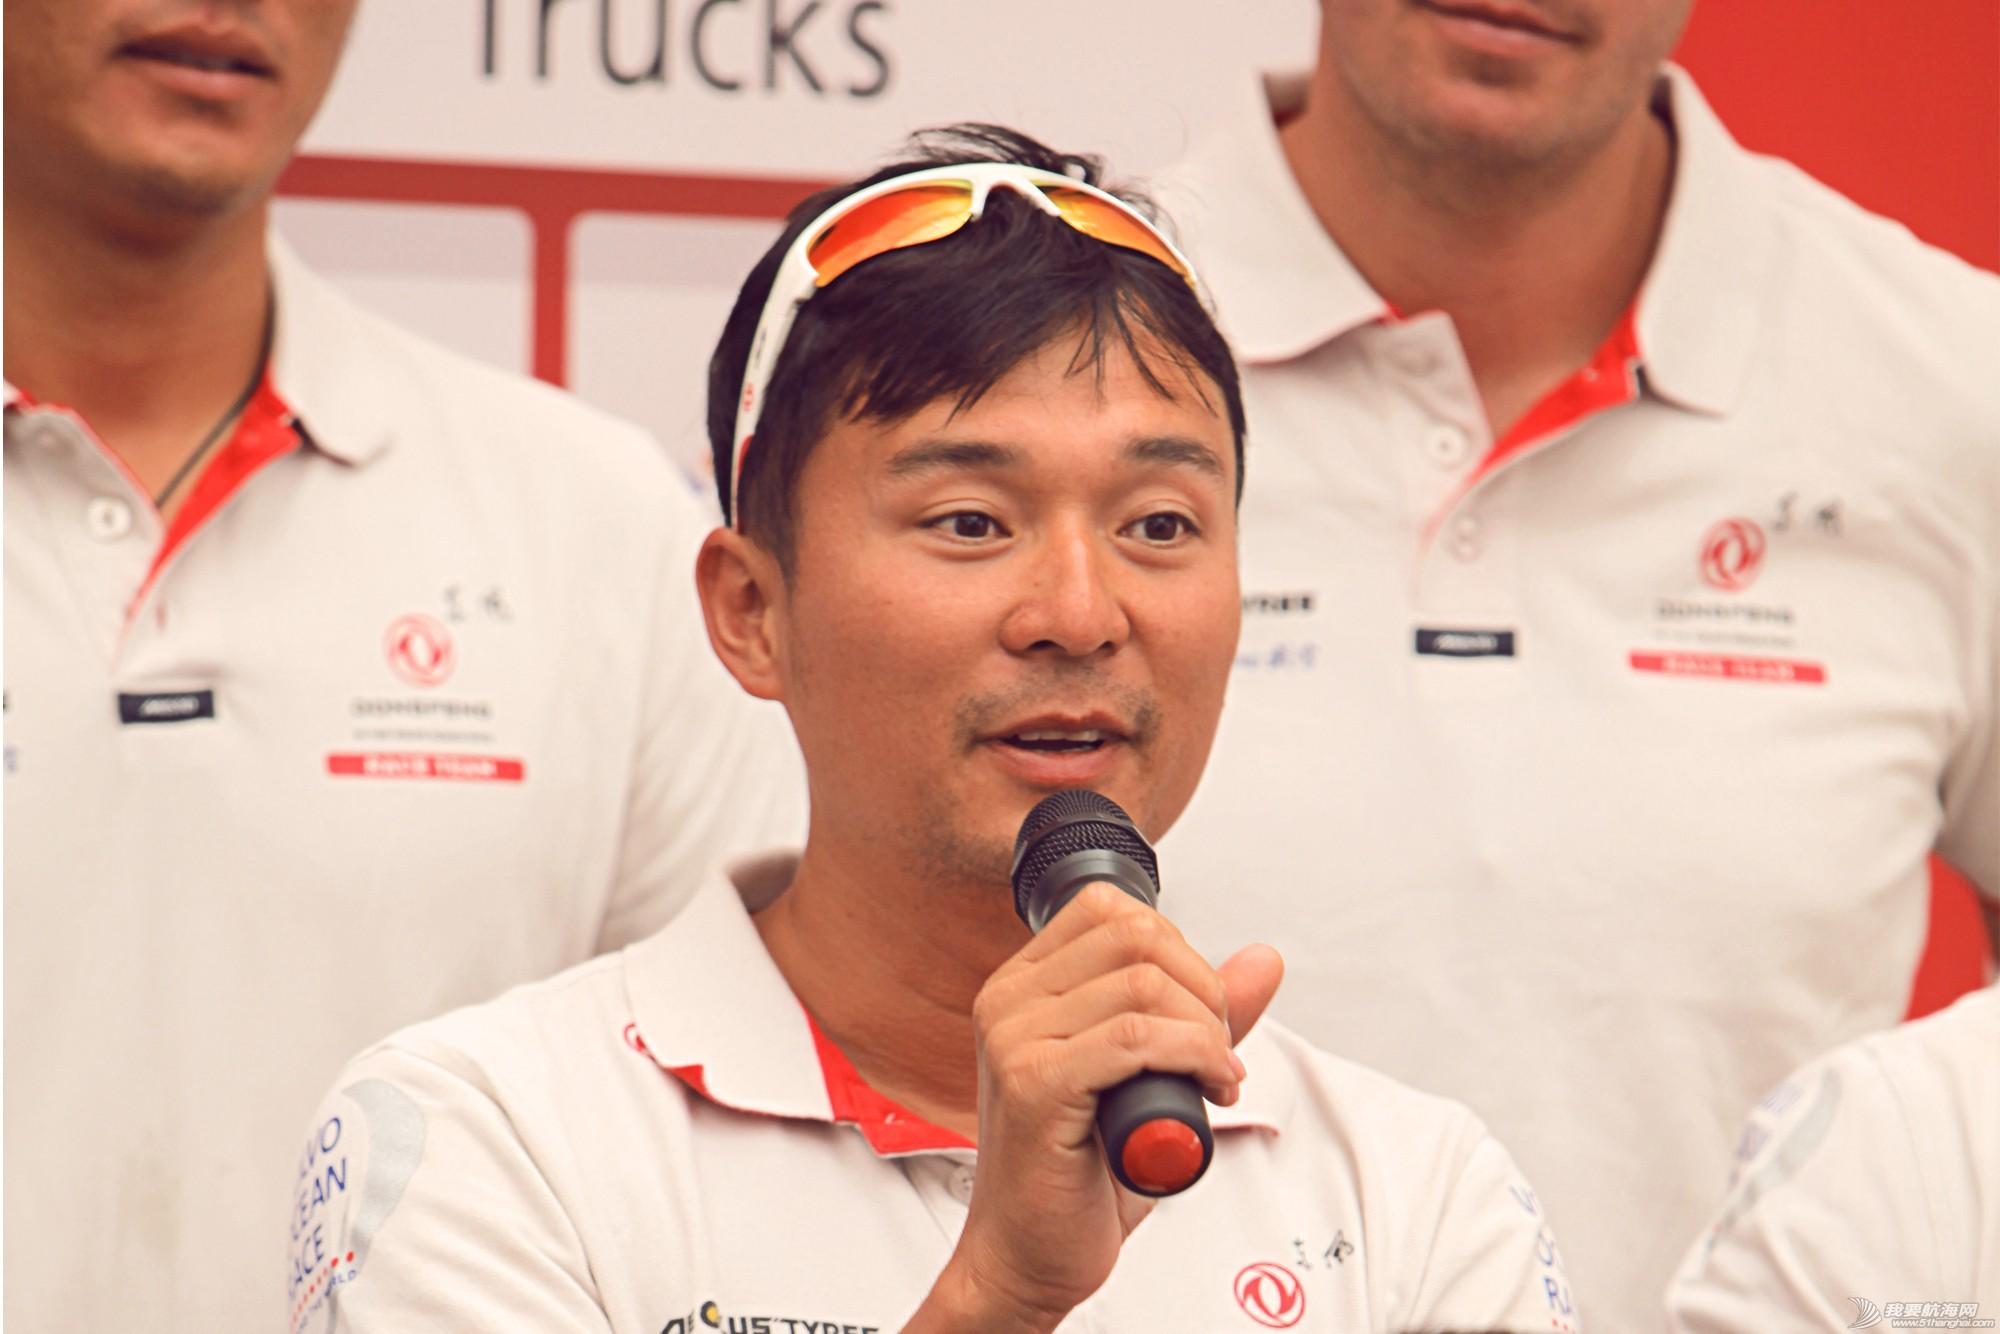 新闻发布会,阿布扎比,沃尔沃,帆船运动,中国香港 东风队宣布第三赛段船员名单 郑英杰将上船